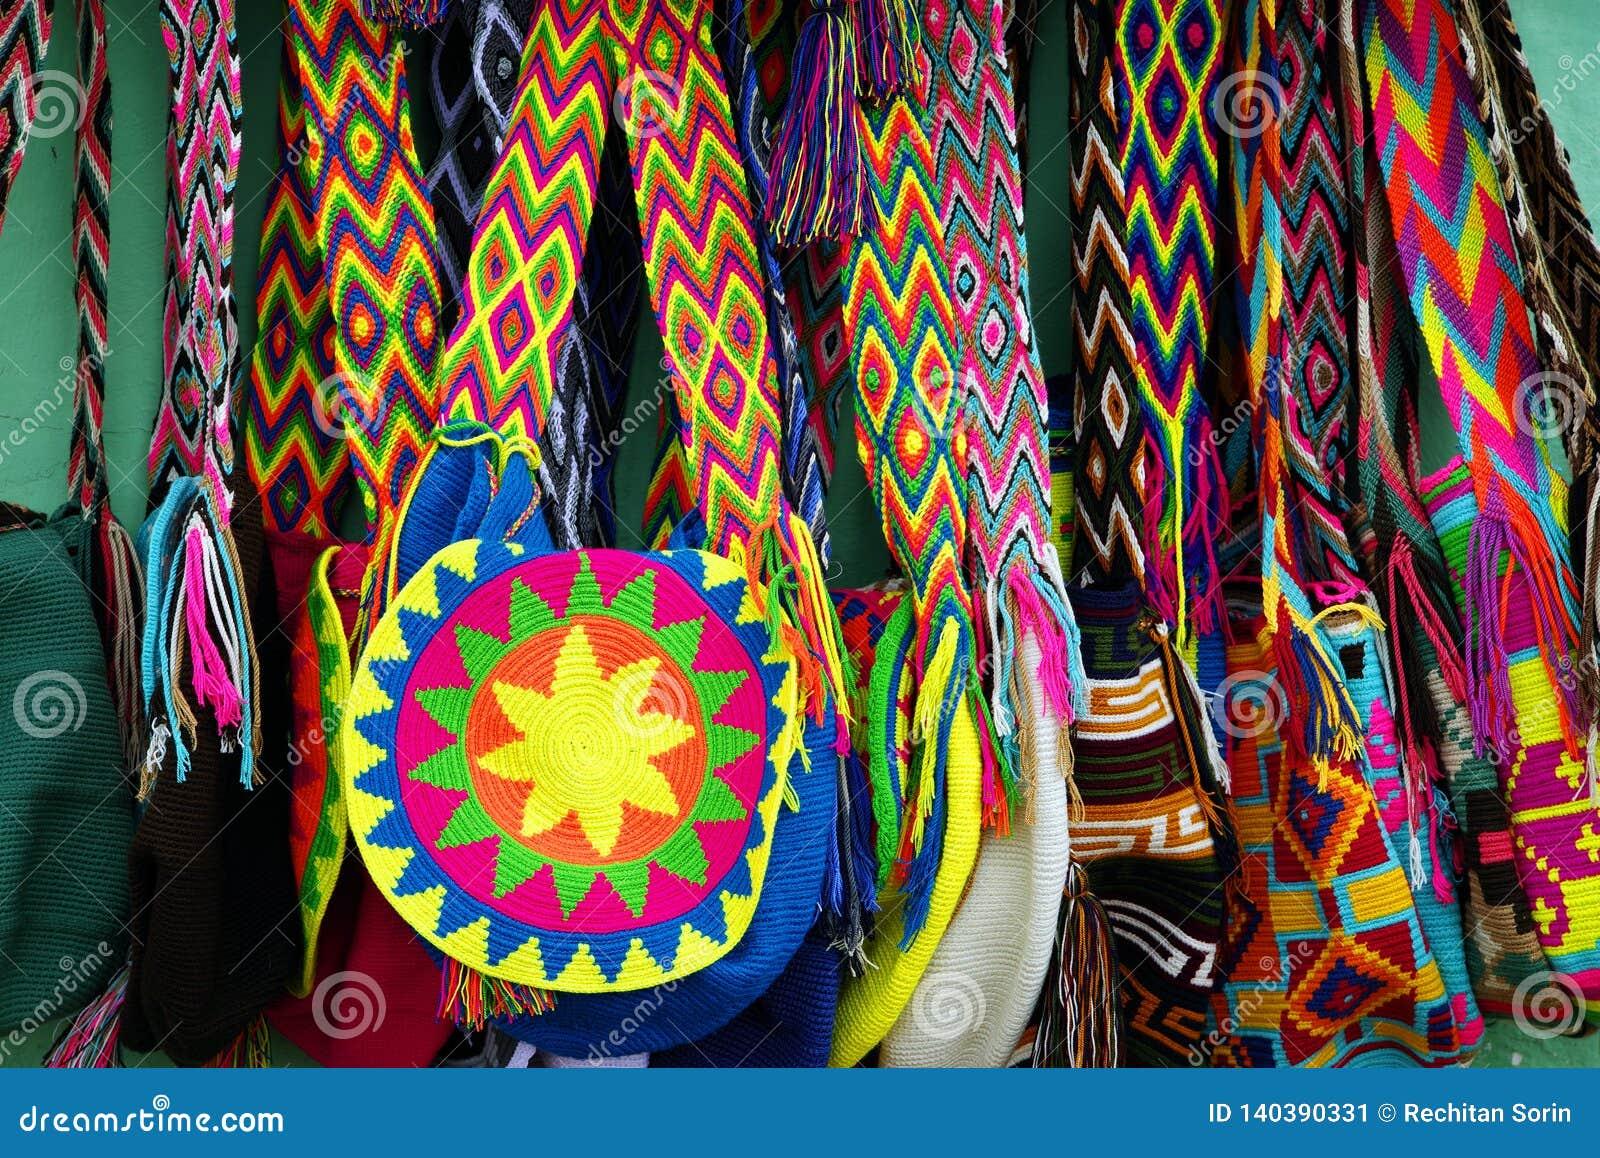 GUATAPE, ANTIOQUIA, COLOMBIA, 08 AUGUSTUS, 2018: Heldere en kleurrijke met de hand gemaakte herinneringen van Guatape-dorp